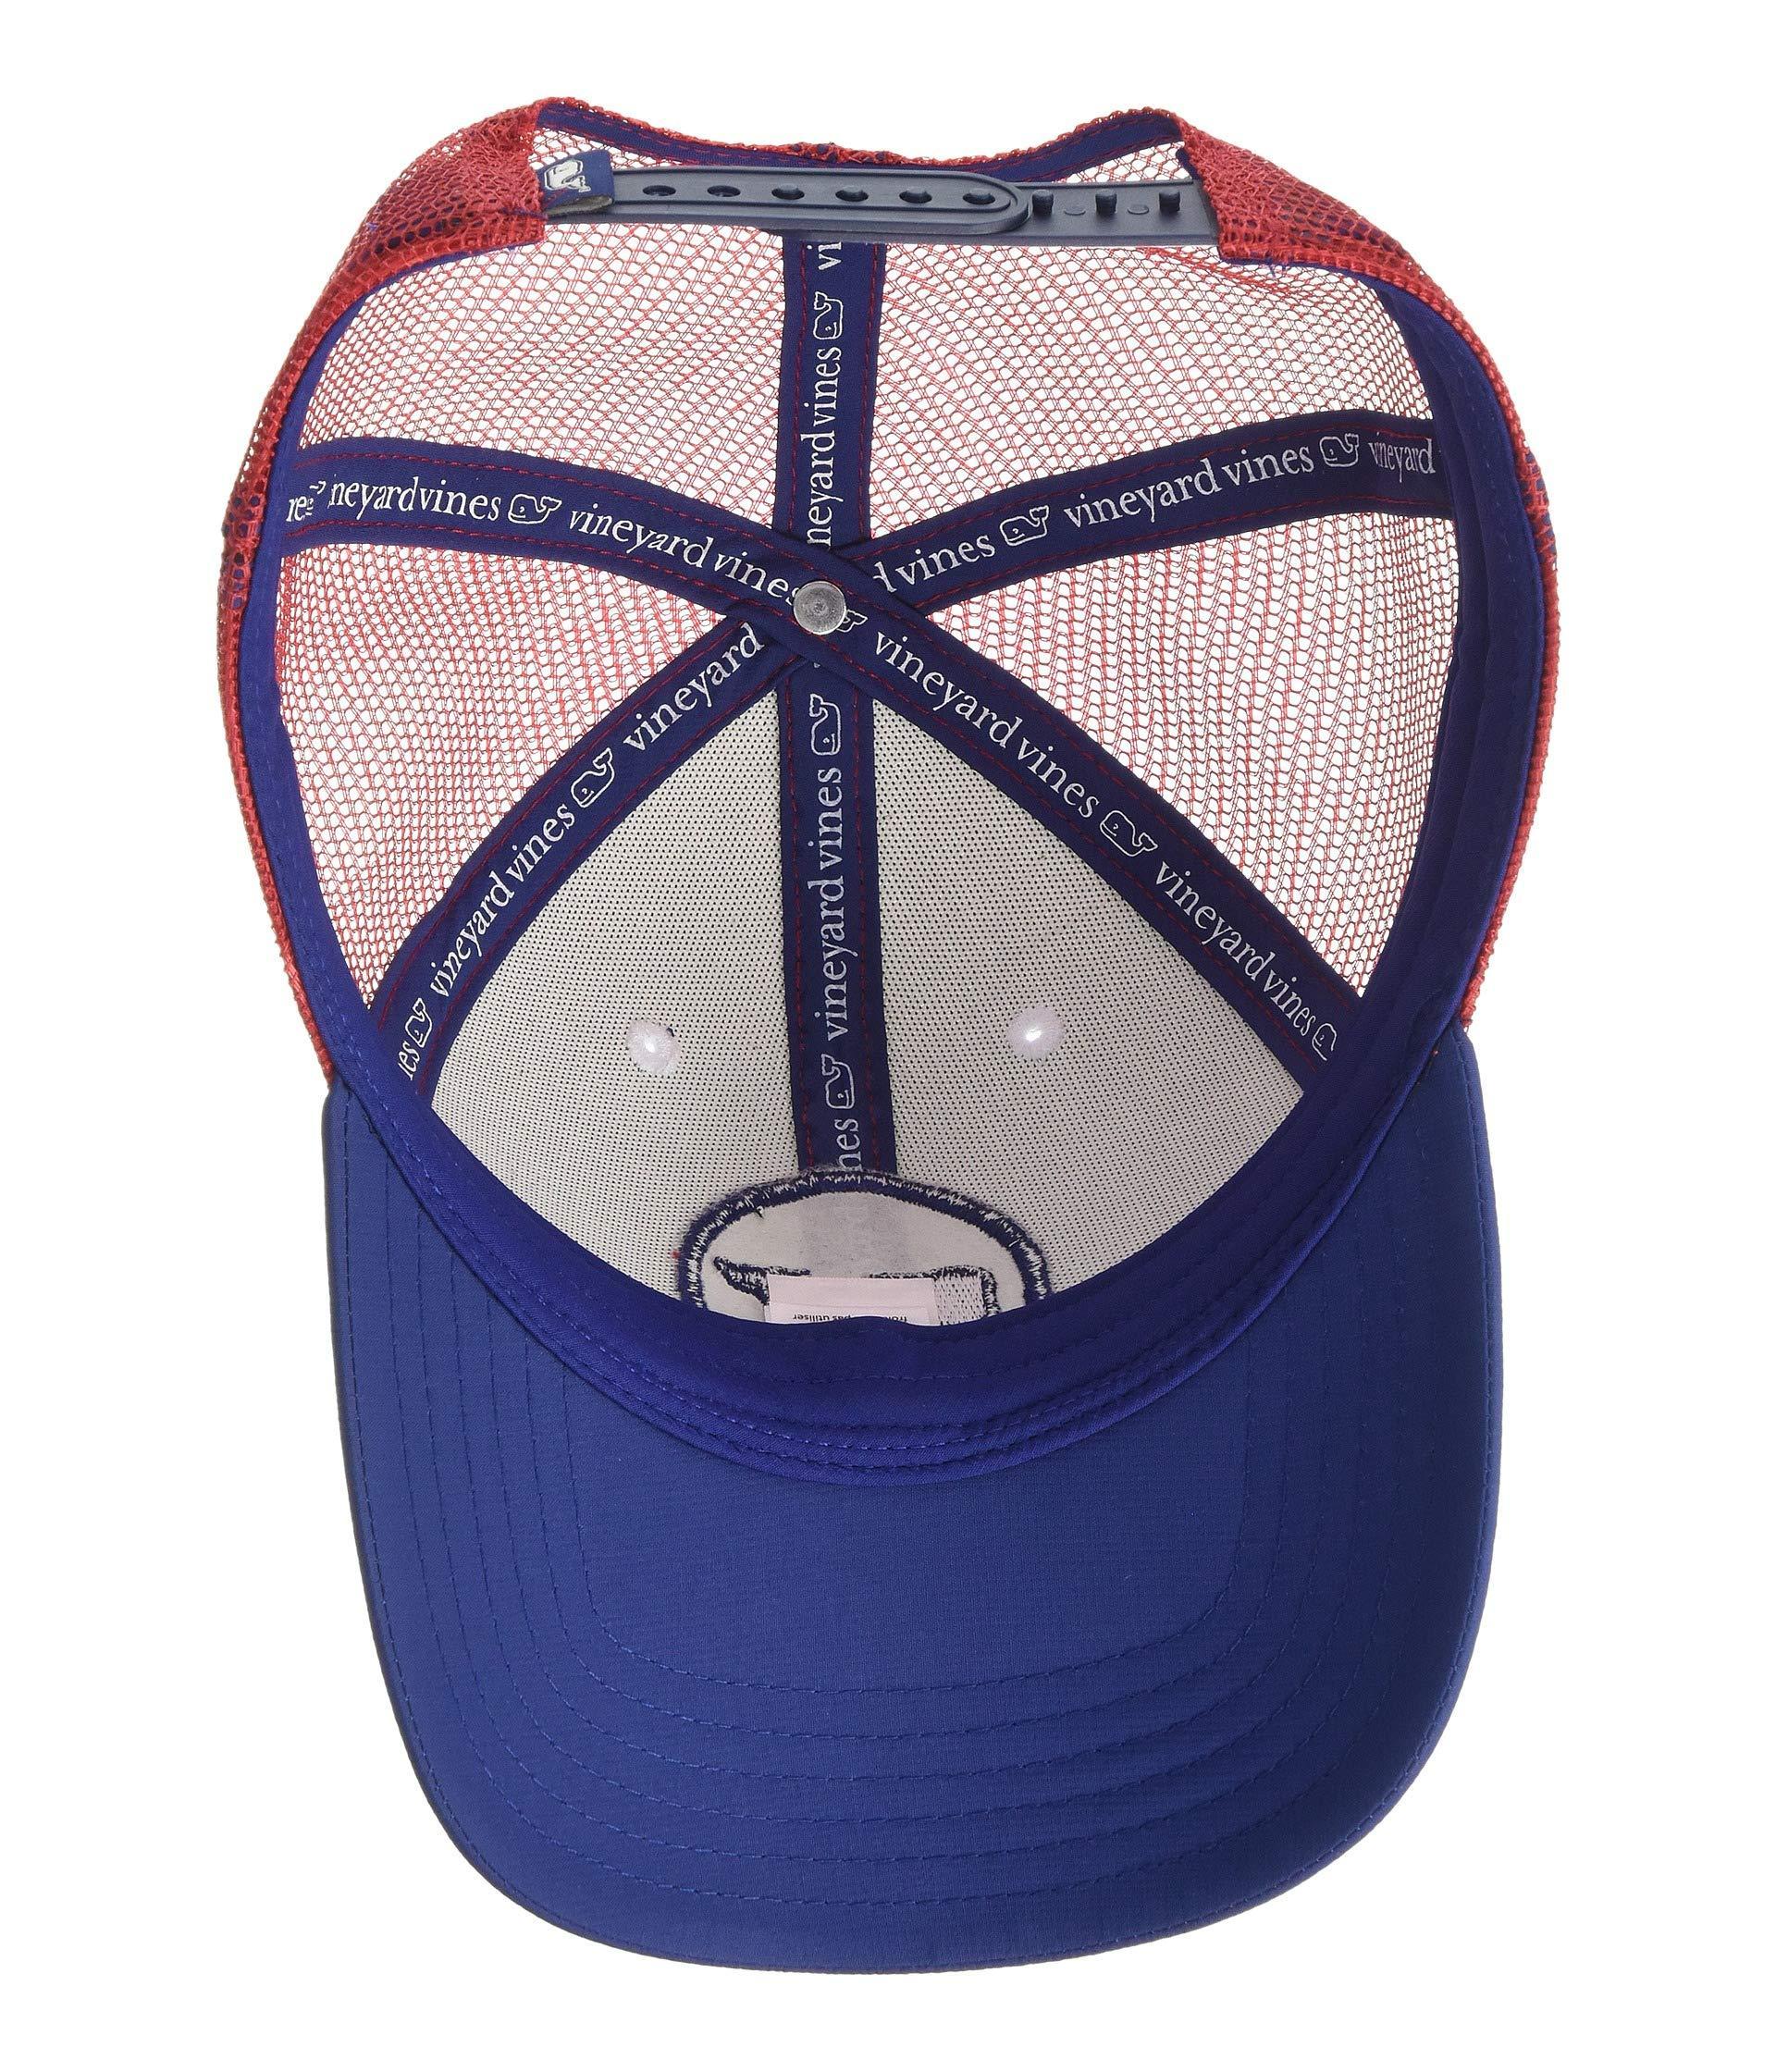 Vineyard Vines - Blue Whale Dot Performance Trucker Hat (multi) Caps for Men  -. View fullscreen b163d8d41c9b